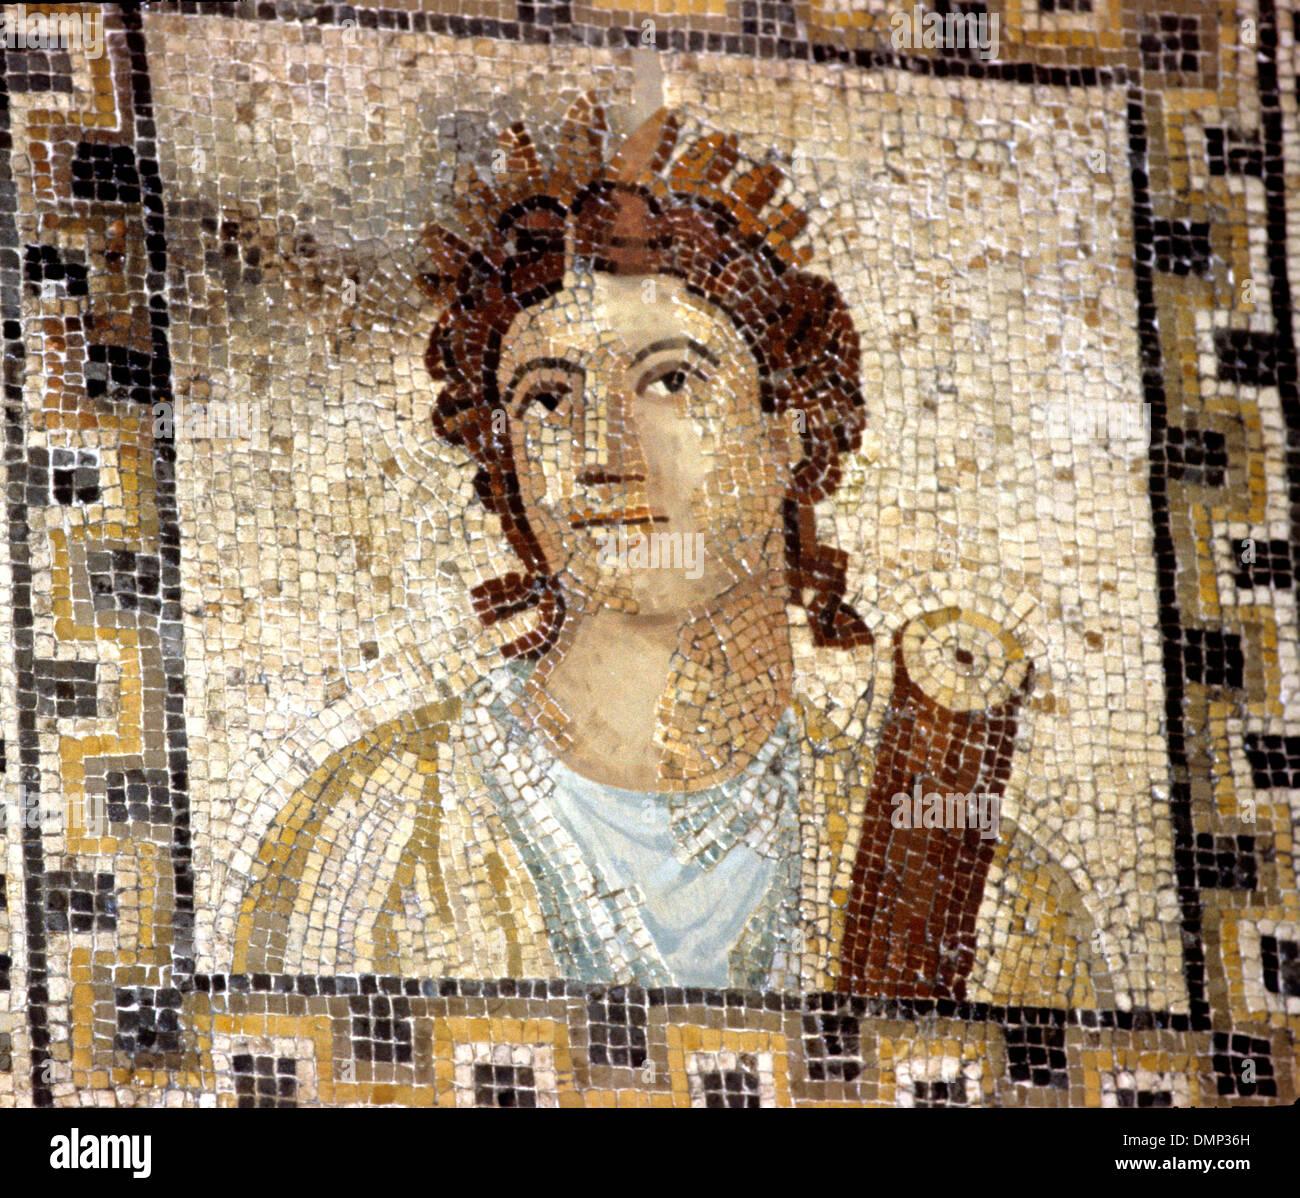 Periodo Romano-German. Mosaico. Clio, musa della storia, che porta scorr. Immagini Stock